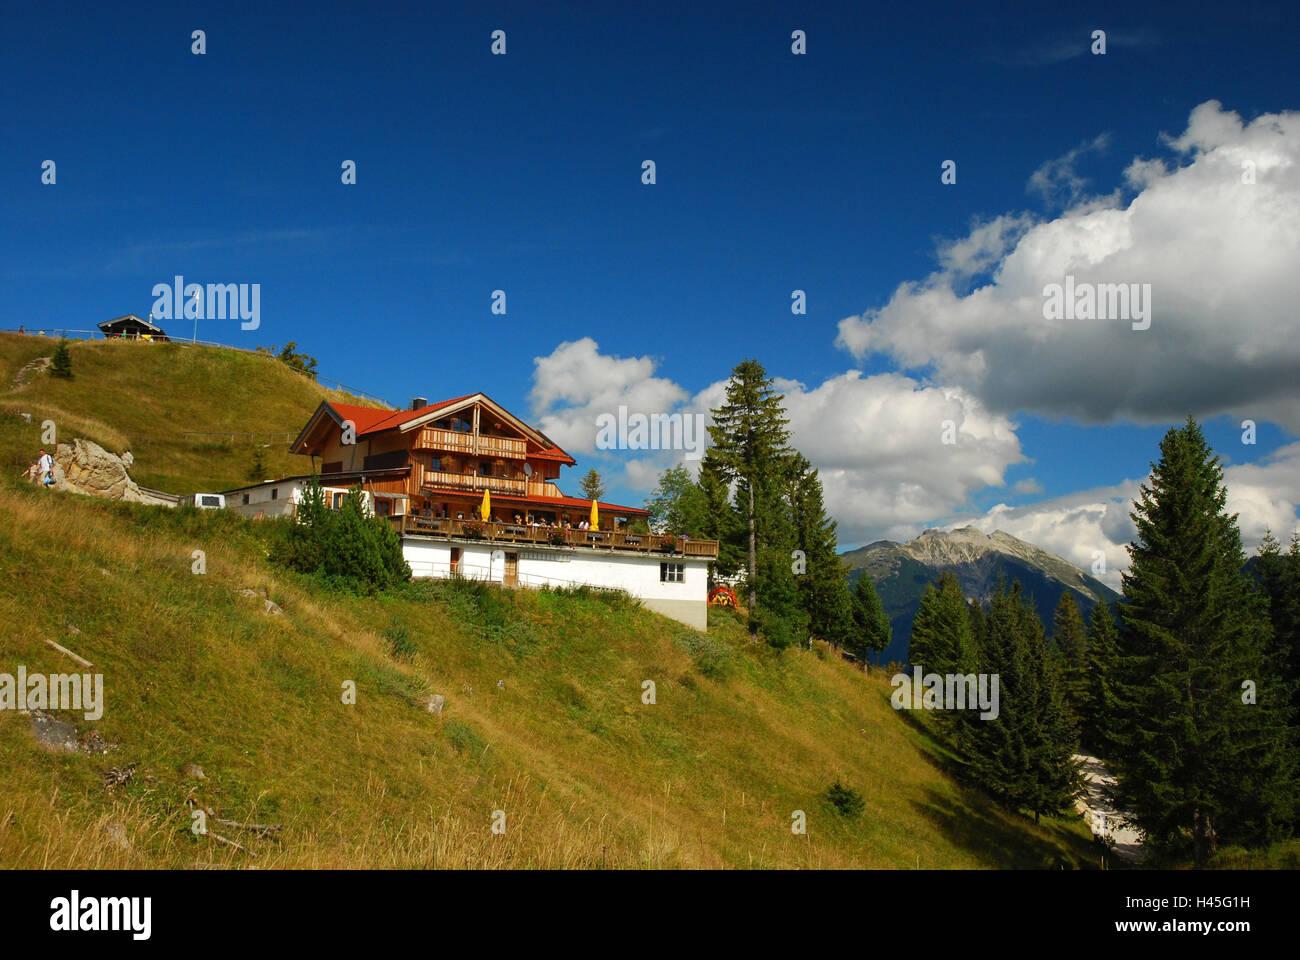 Deutschland, Bayern, Mittenwald, Kranzberg, Berggasthaus, Stockbild